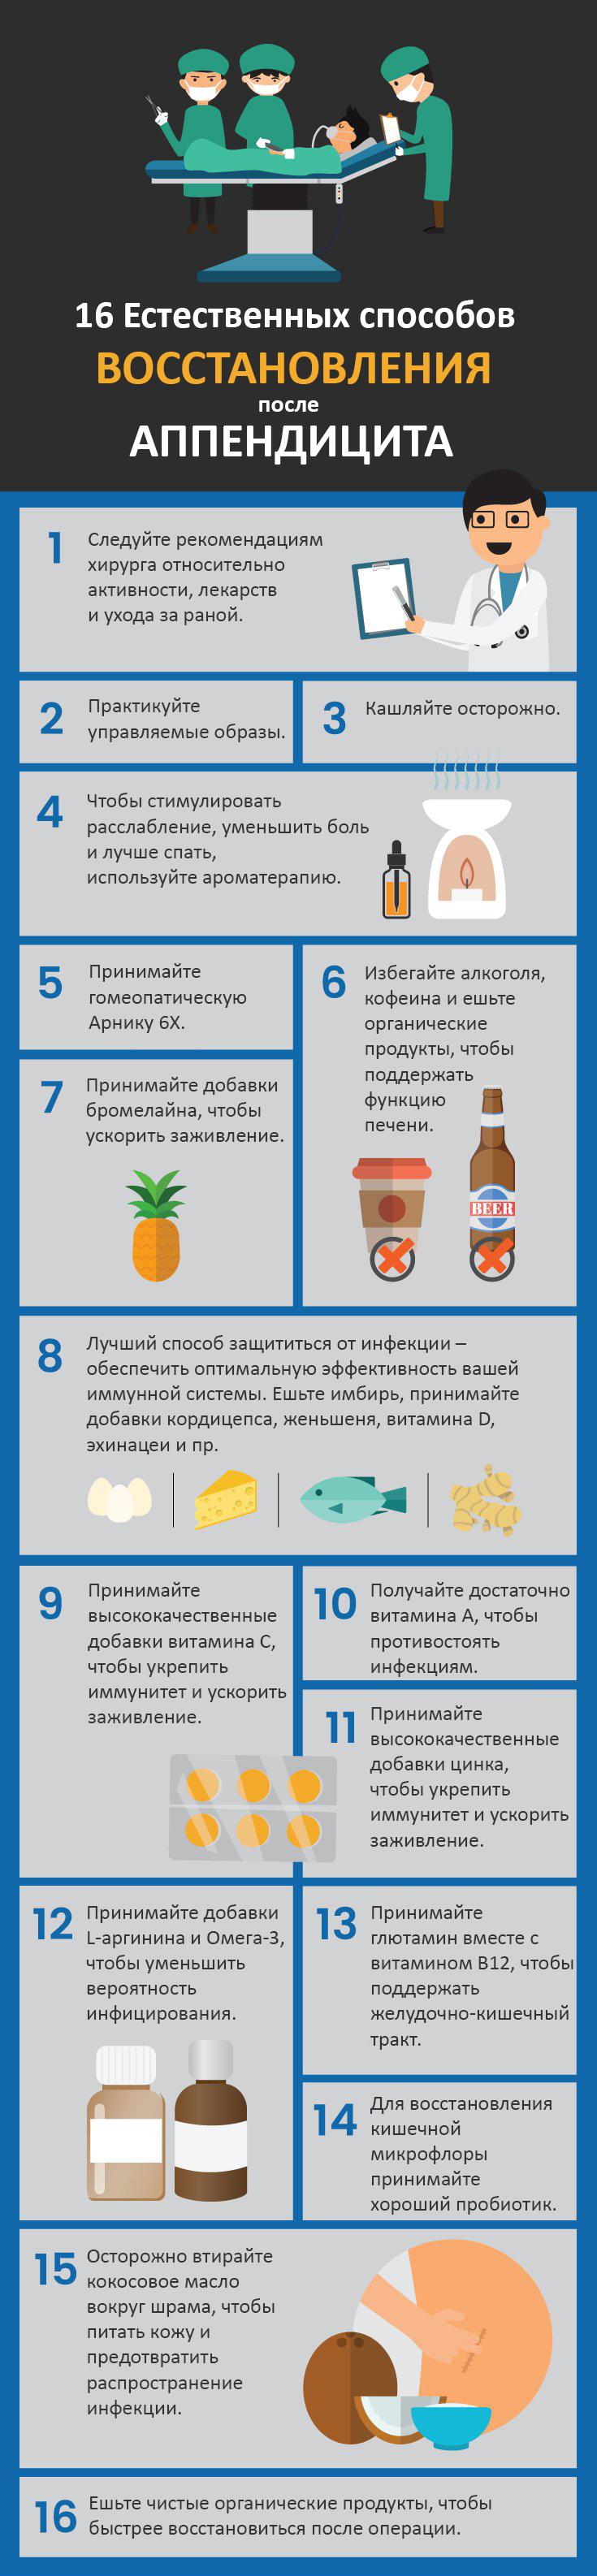 Аппендицит - симптомы, причины, признаки, народные средства 3